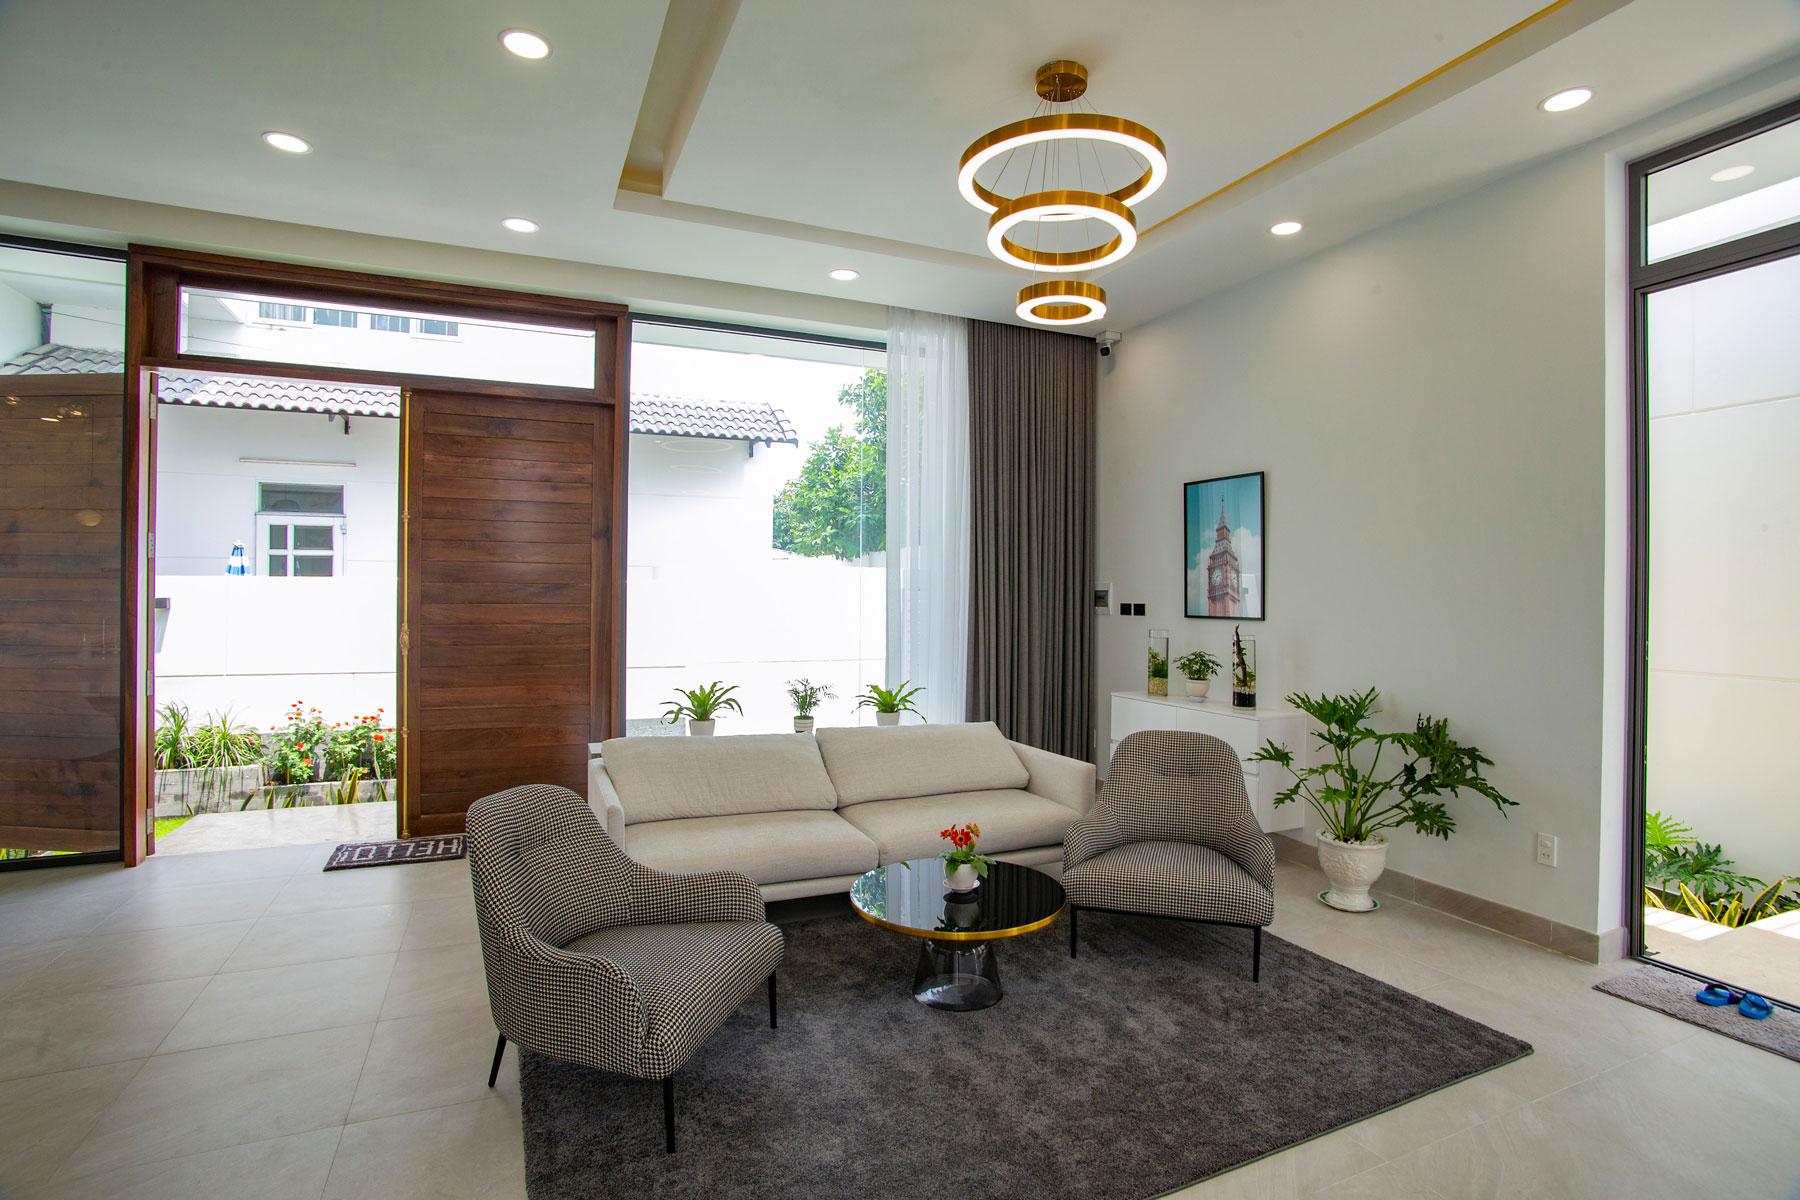 mau nha noi that nha hien dai 1 tang dep Biệt thự vườn nhà 1 tầng hiện đại 8x19m kiểu phương Tây không gian mở ở Biên Hòa